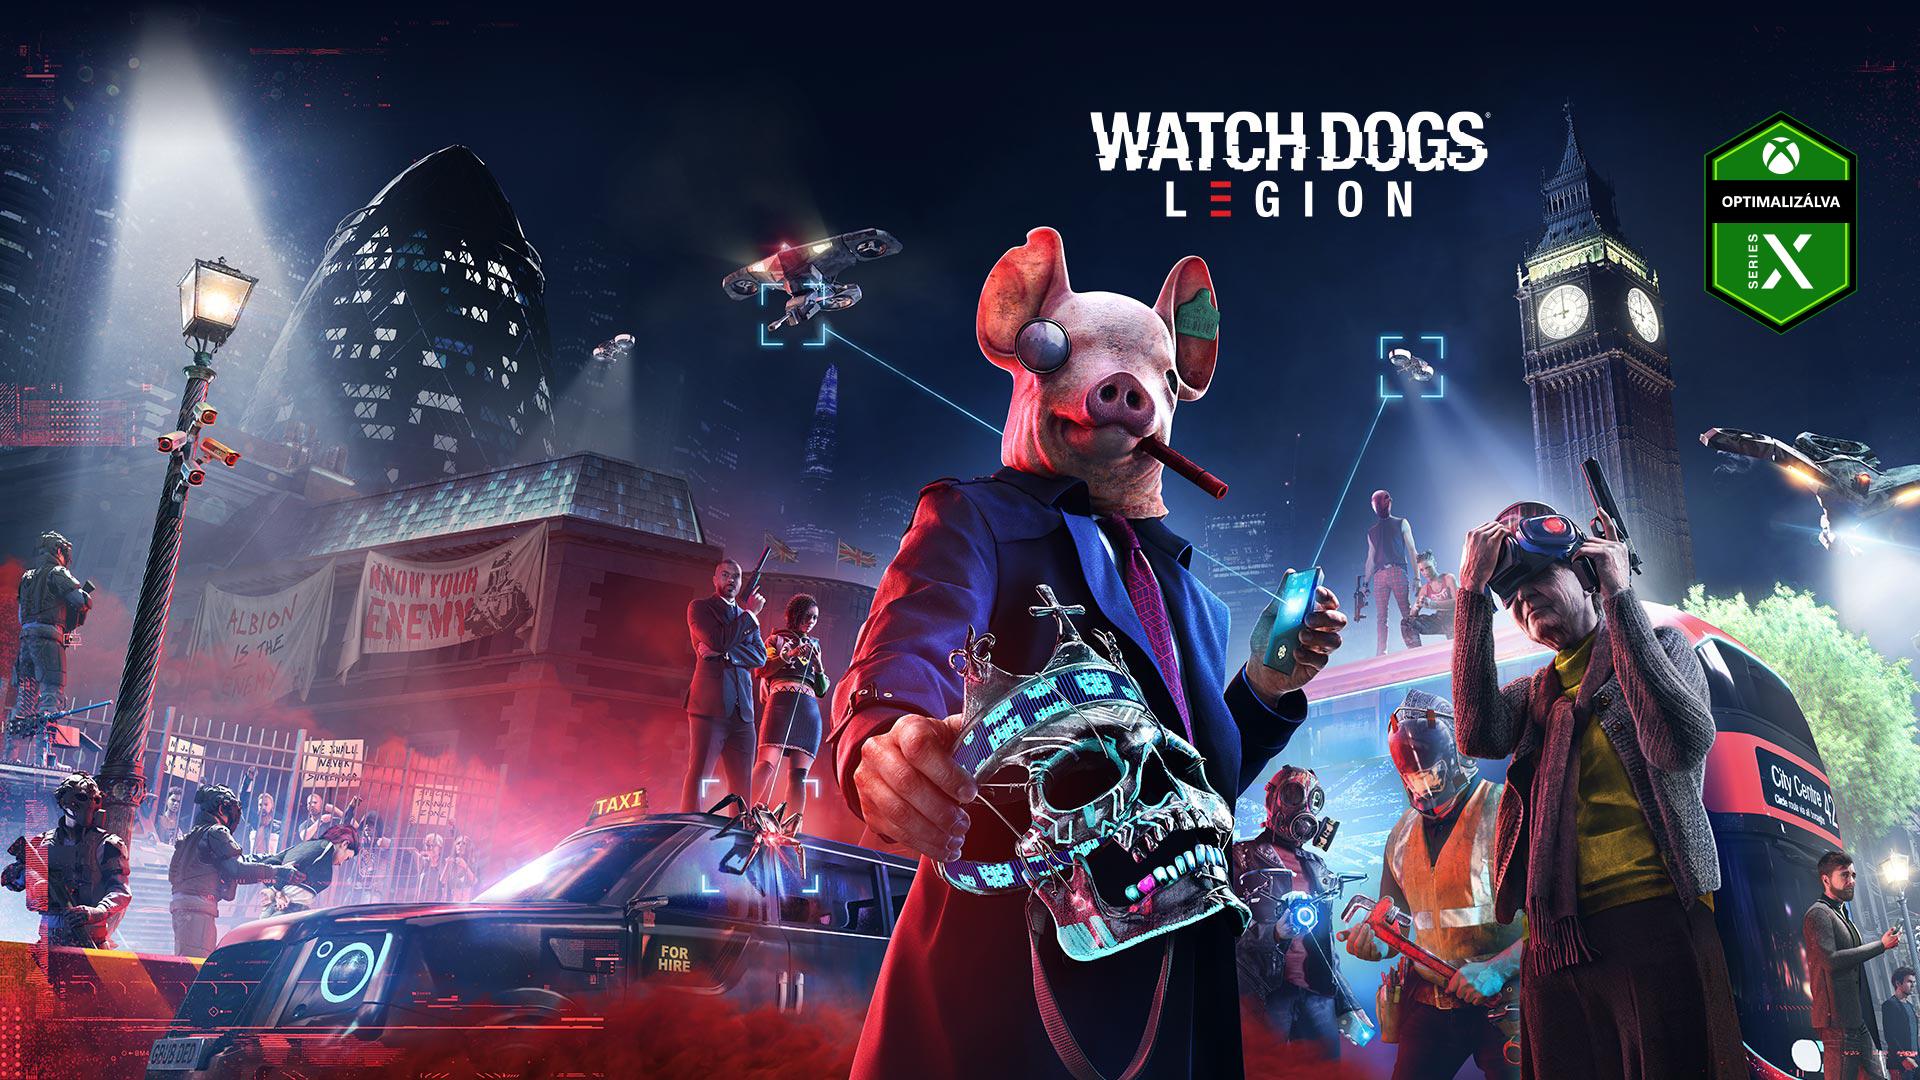 Xbox Series X konzolra optimalizálva logó, Watch Dogs Legion embléma, disznóálarcot viselő személy koponyával, valamint két drón, a Big Ben és számos további karakter fegyverrel